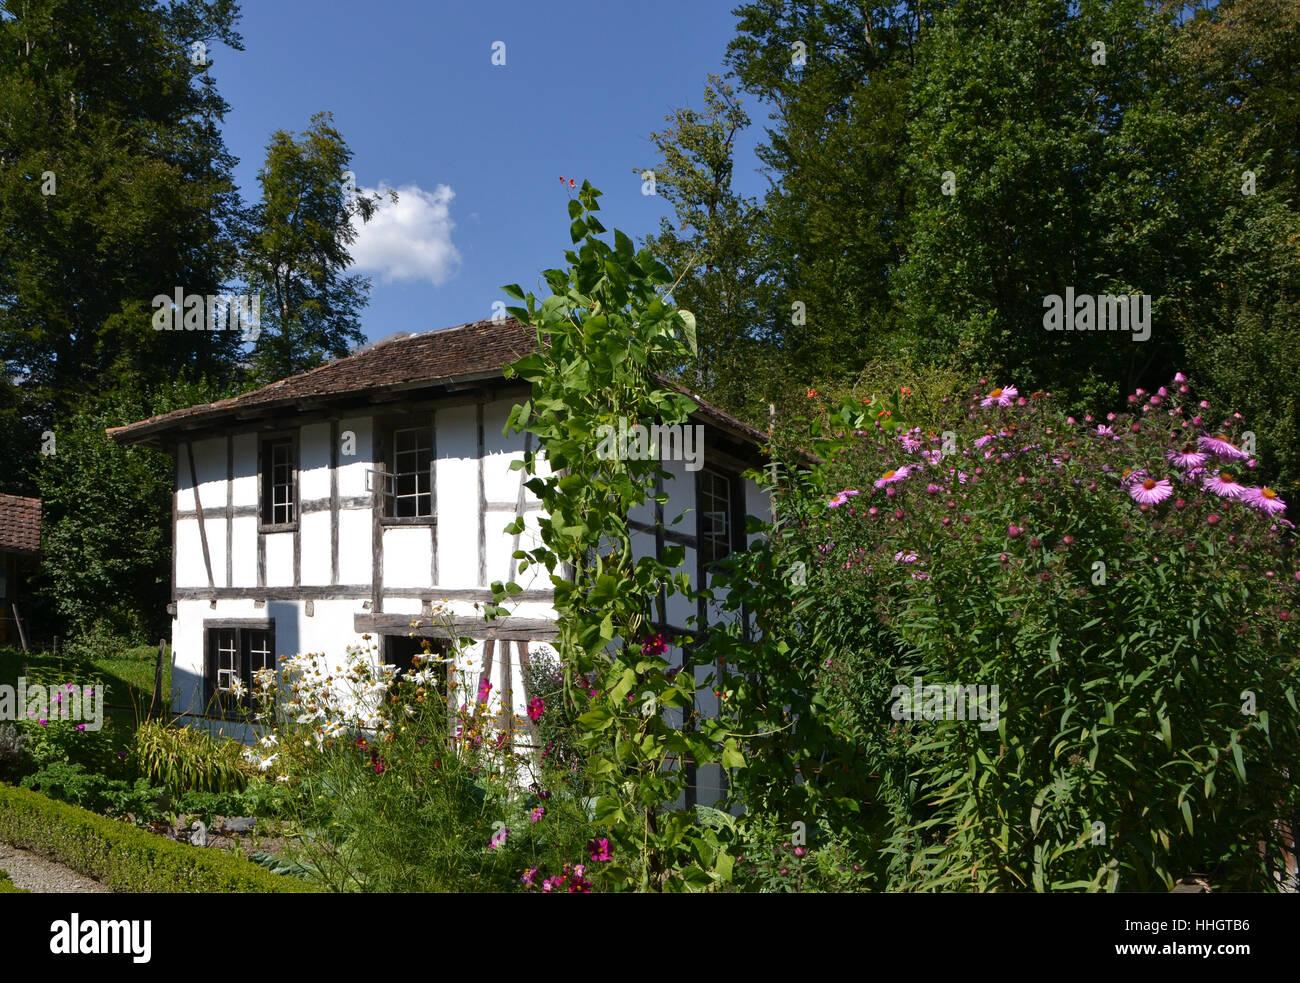 Garten, Sommer, sommerlich, Gärten der Schweiz Rahmenarbeit ...